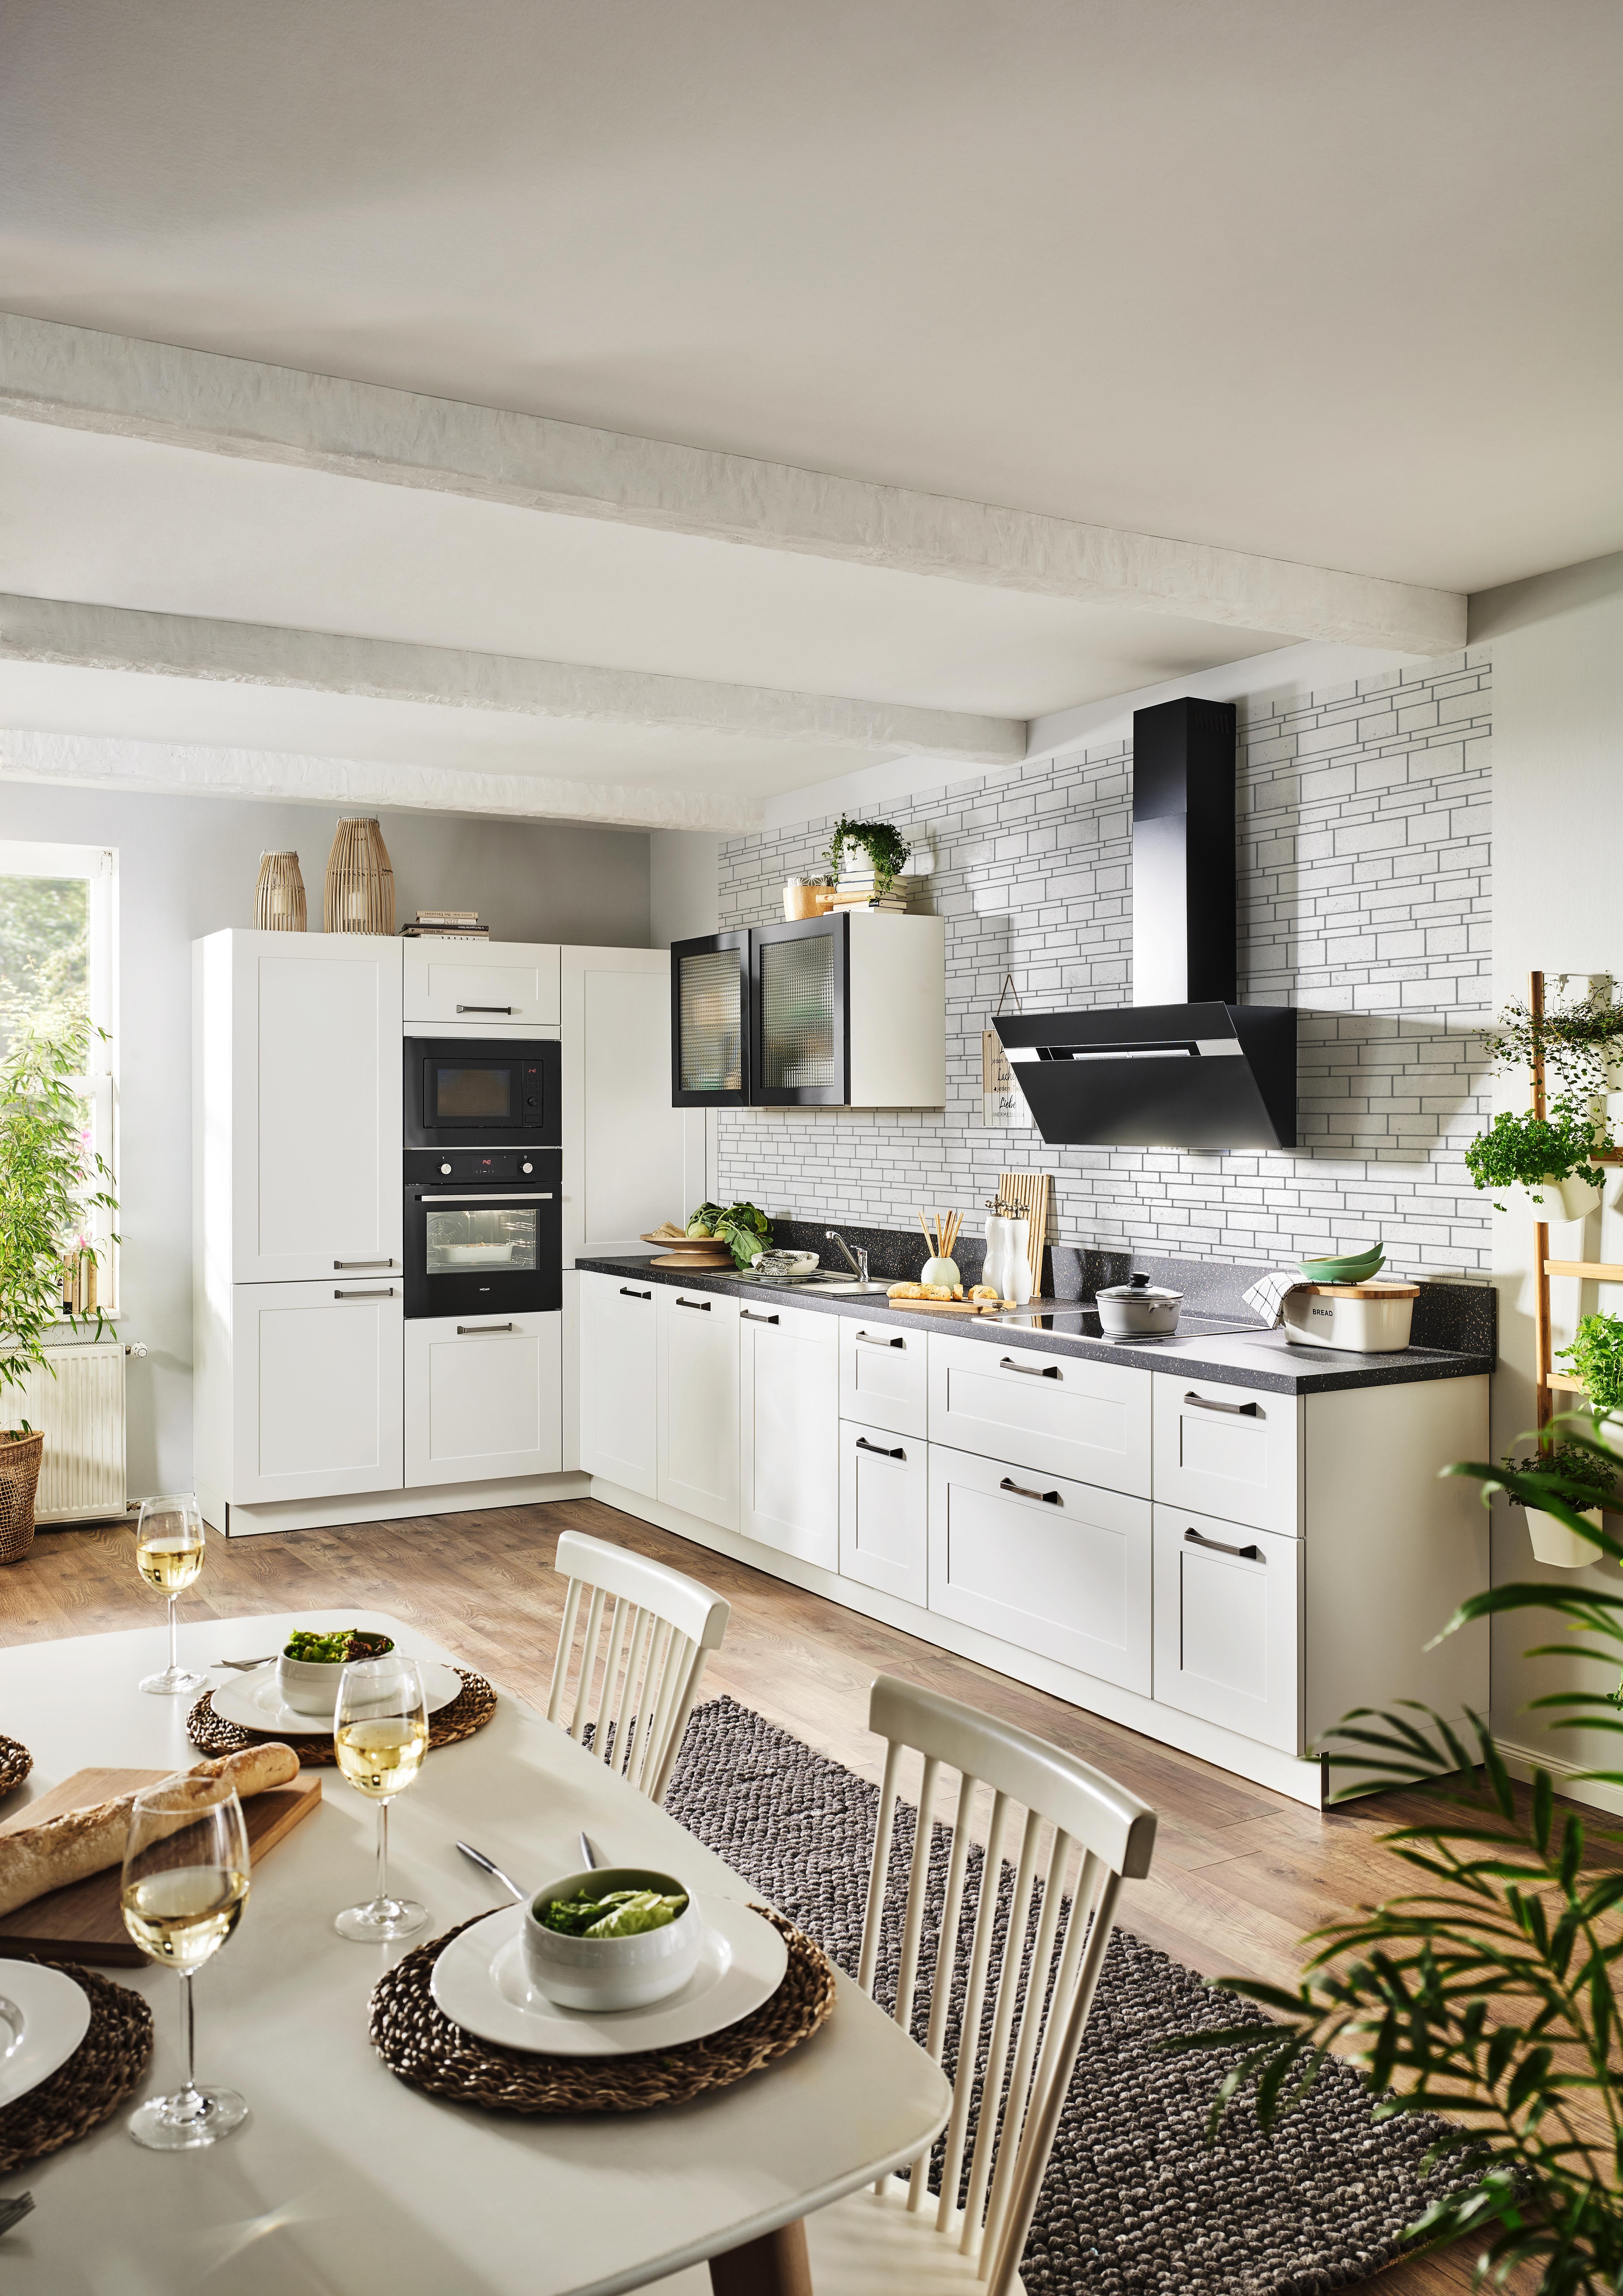 Weisse Landhauskuche Mit Arbeitsflache In Stein Optik Haus Kuchen Landhauskuche Kuche